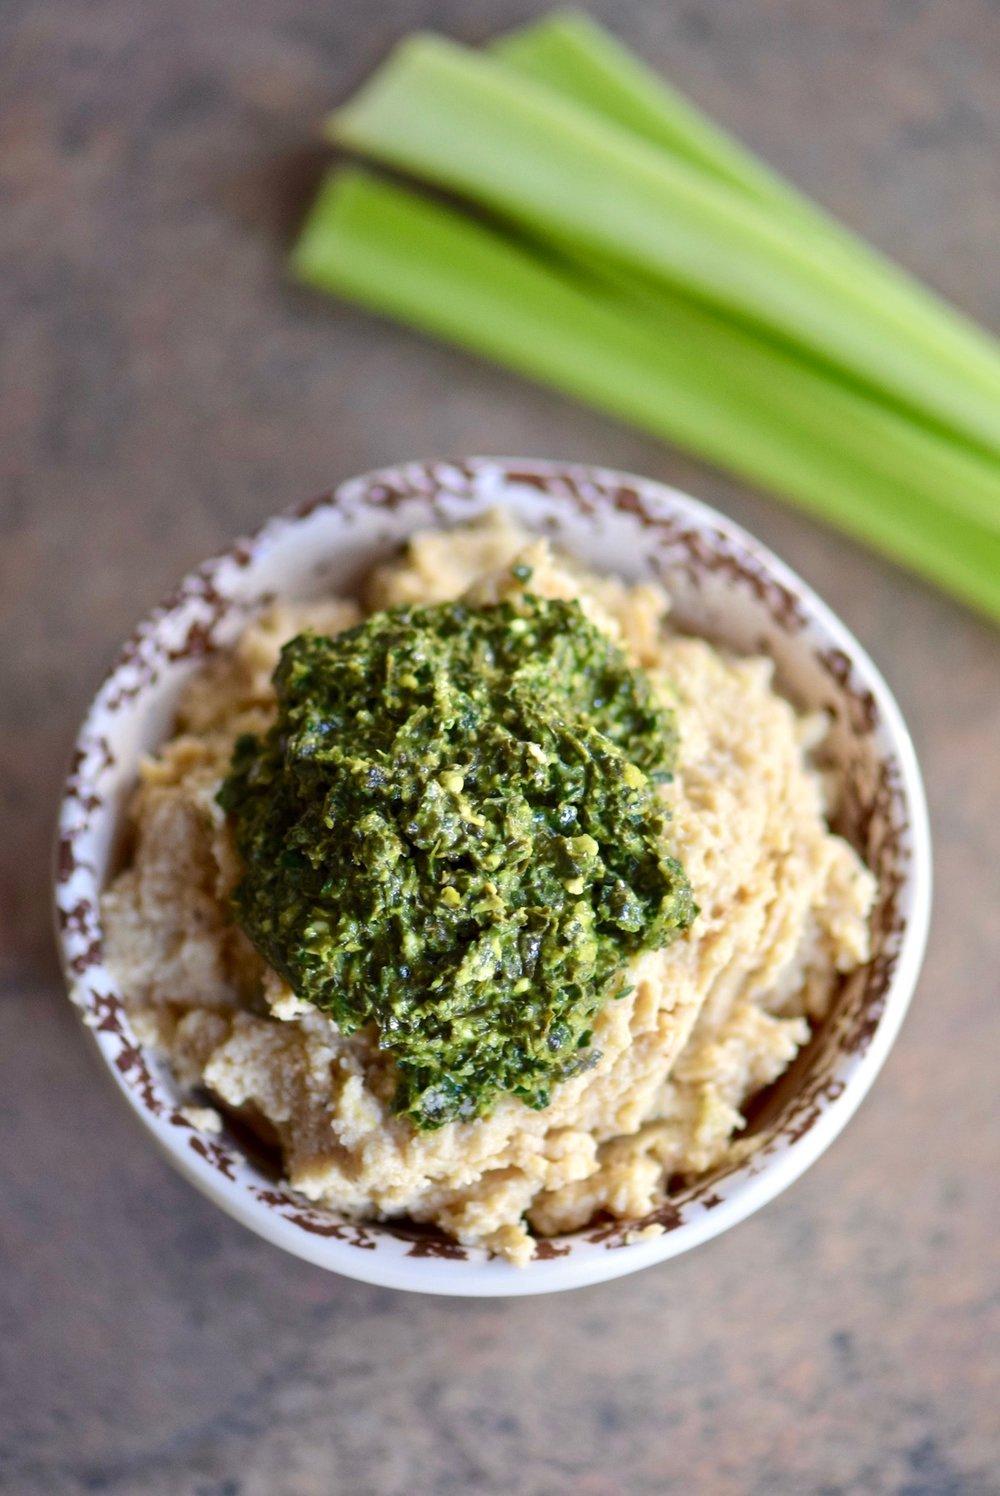 Paleo Hummus with pesto.jpg